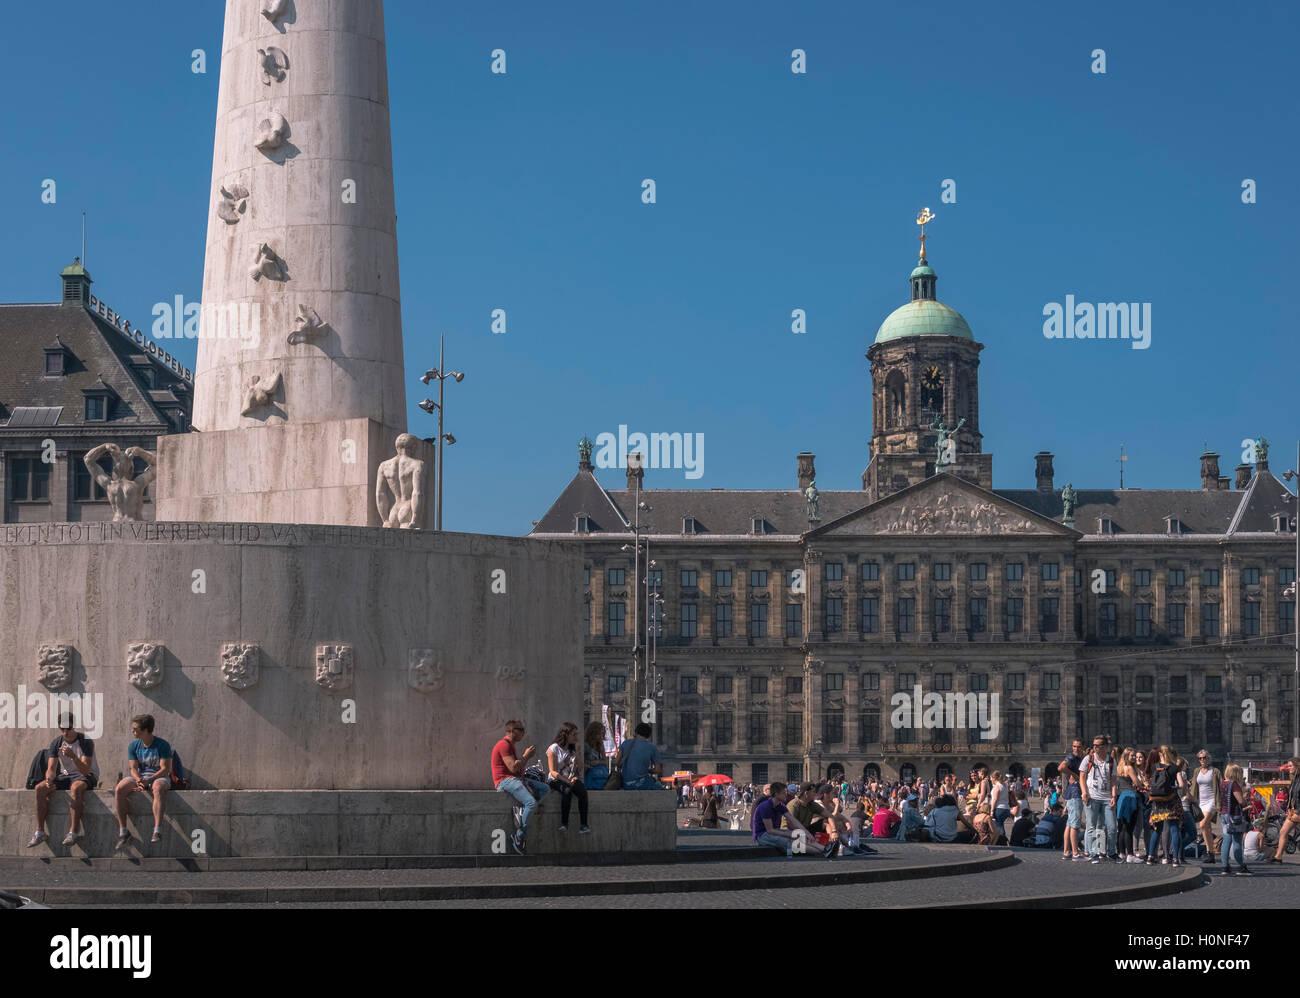 Les attractions touristiques populaires de Palais Royal et Monument National, la Place du Dam, centre ville quartier, Banque D'Images